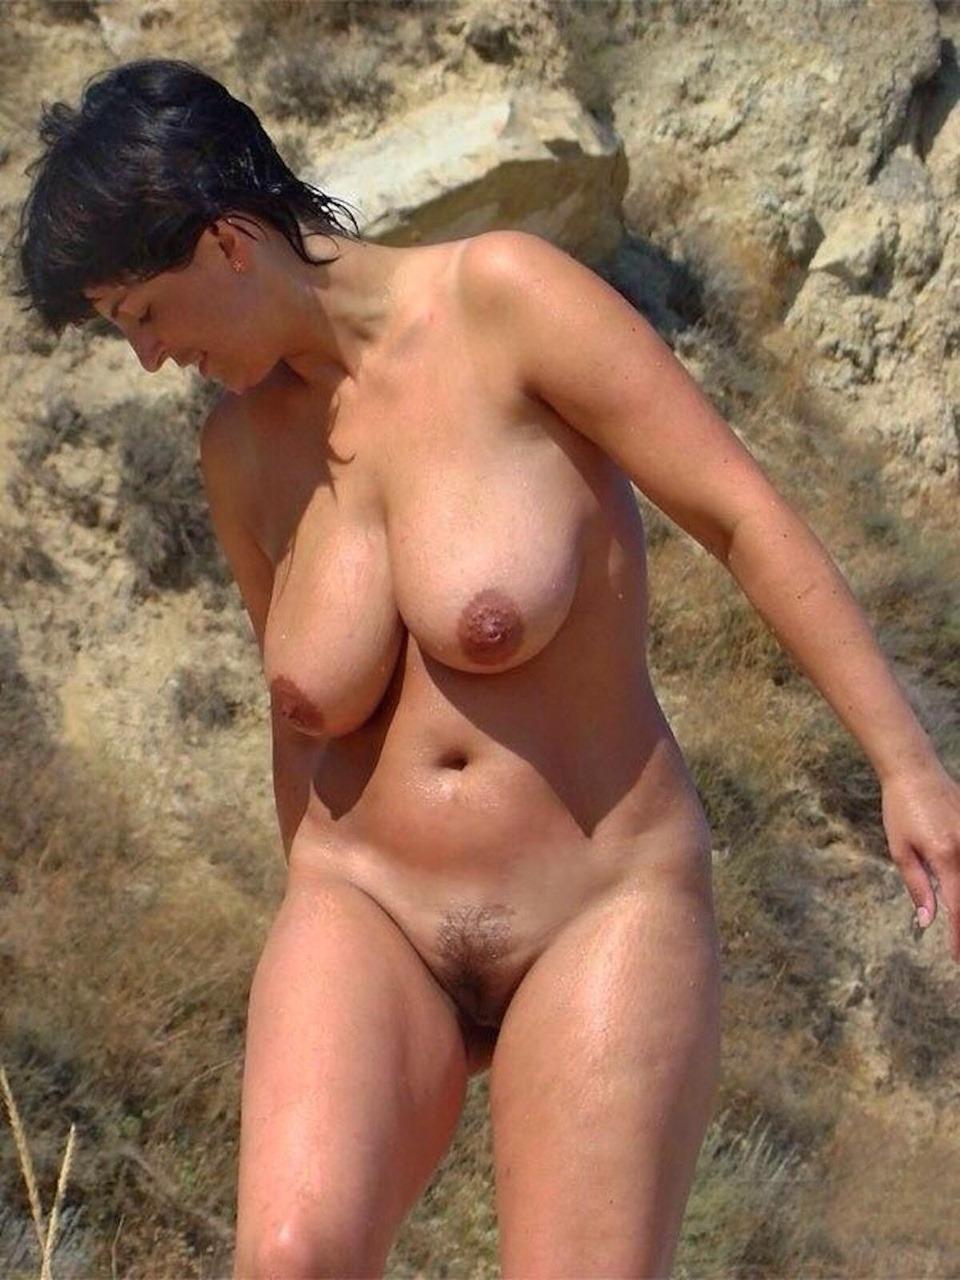 Annie corley nude